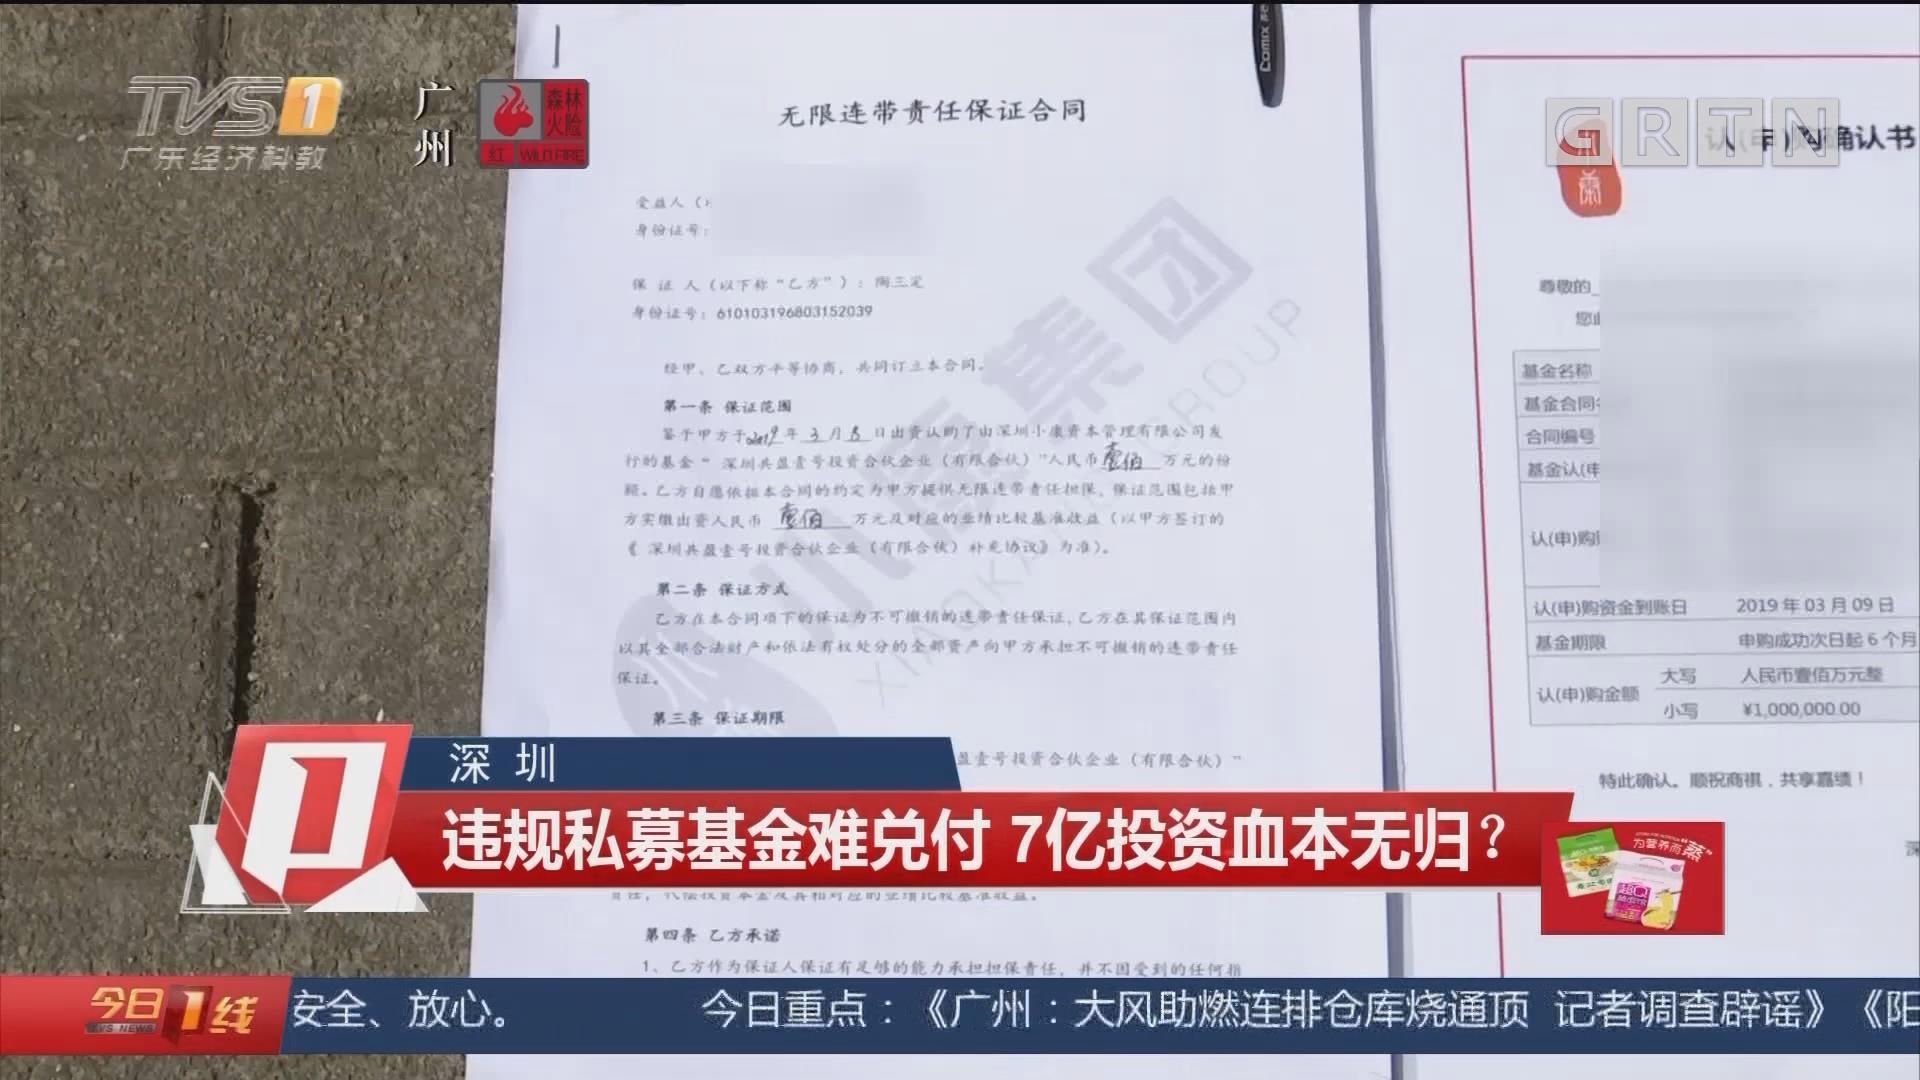 深圳:违规私募基金难兑付 7亿投资血本无归?